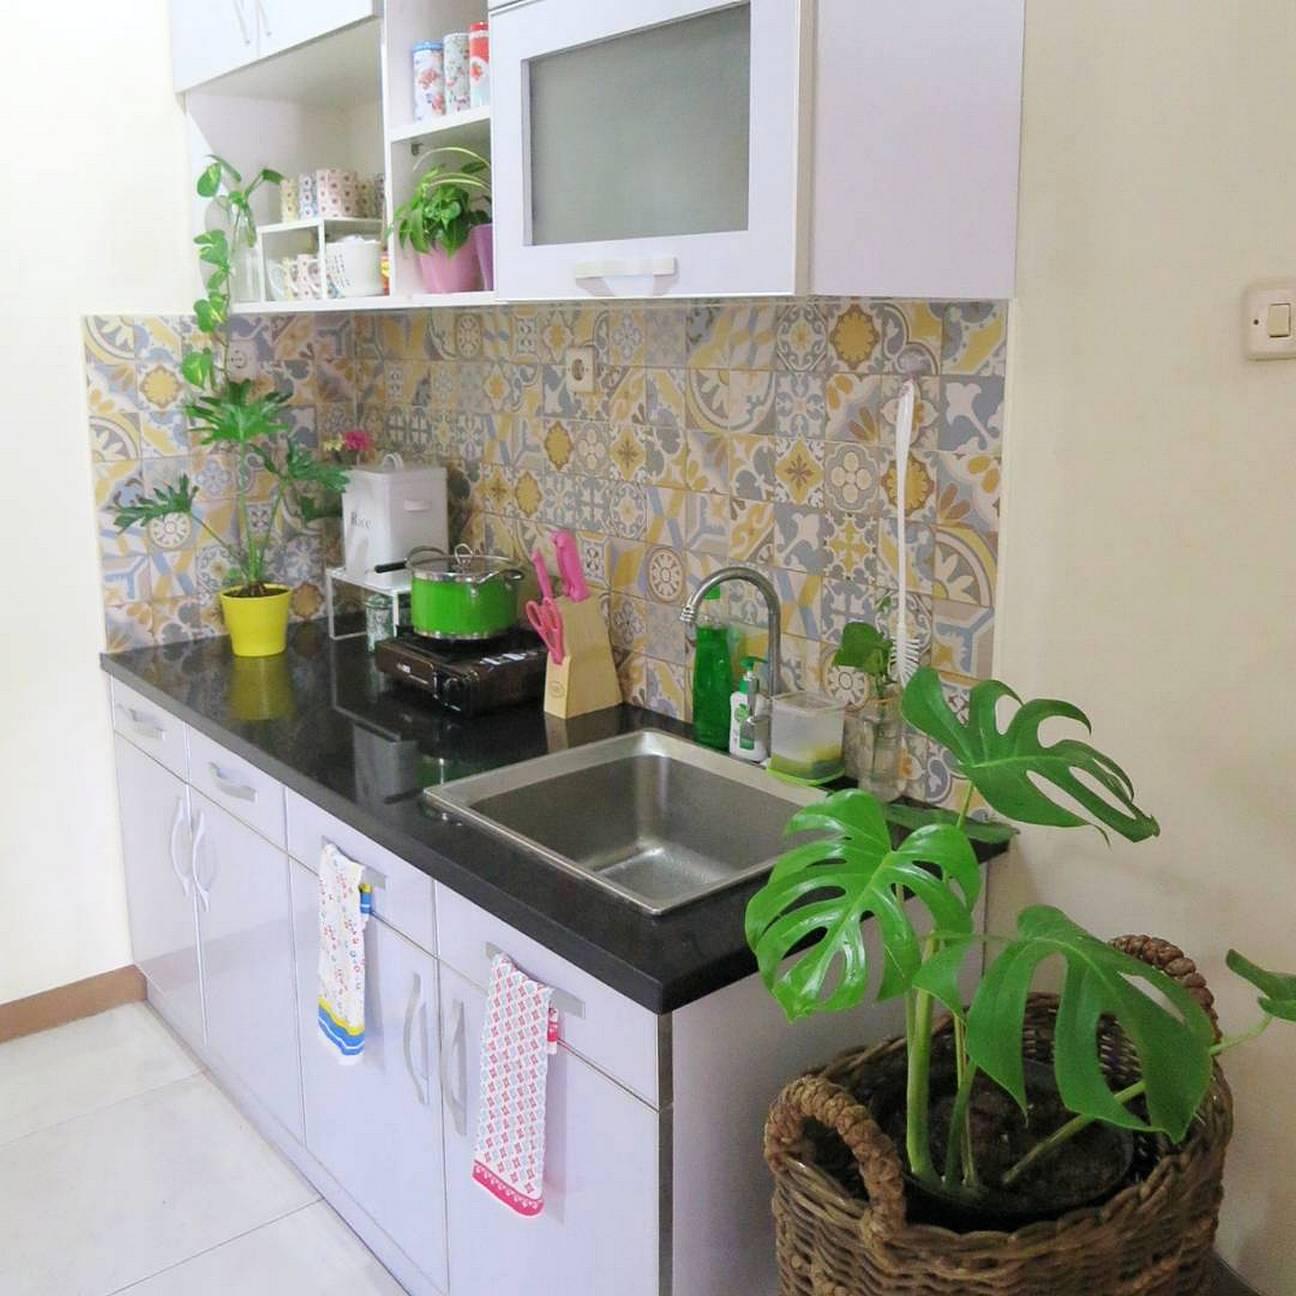 31 Model Keramik Dinding Dapur Minimalis Terbaru 2019 Dekor Rumah